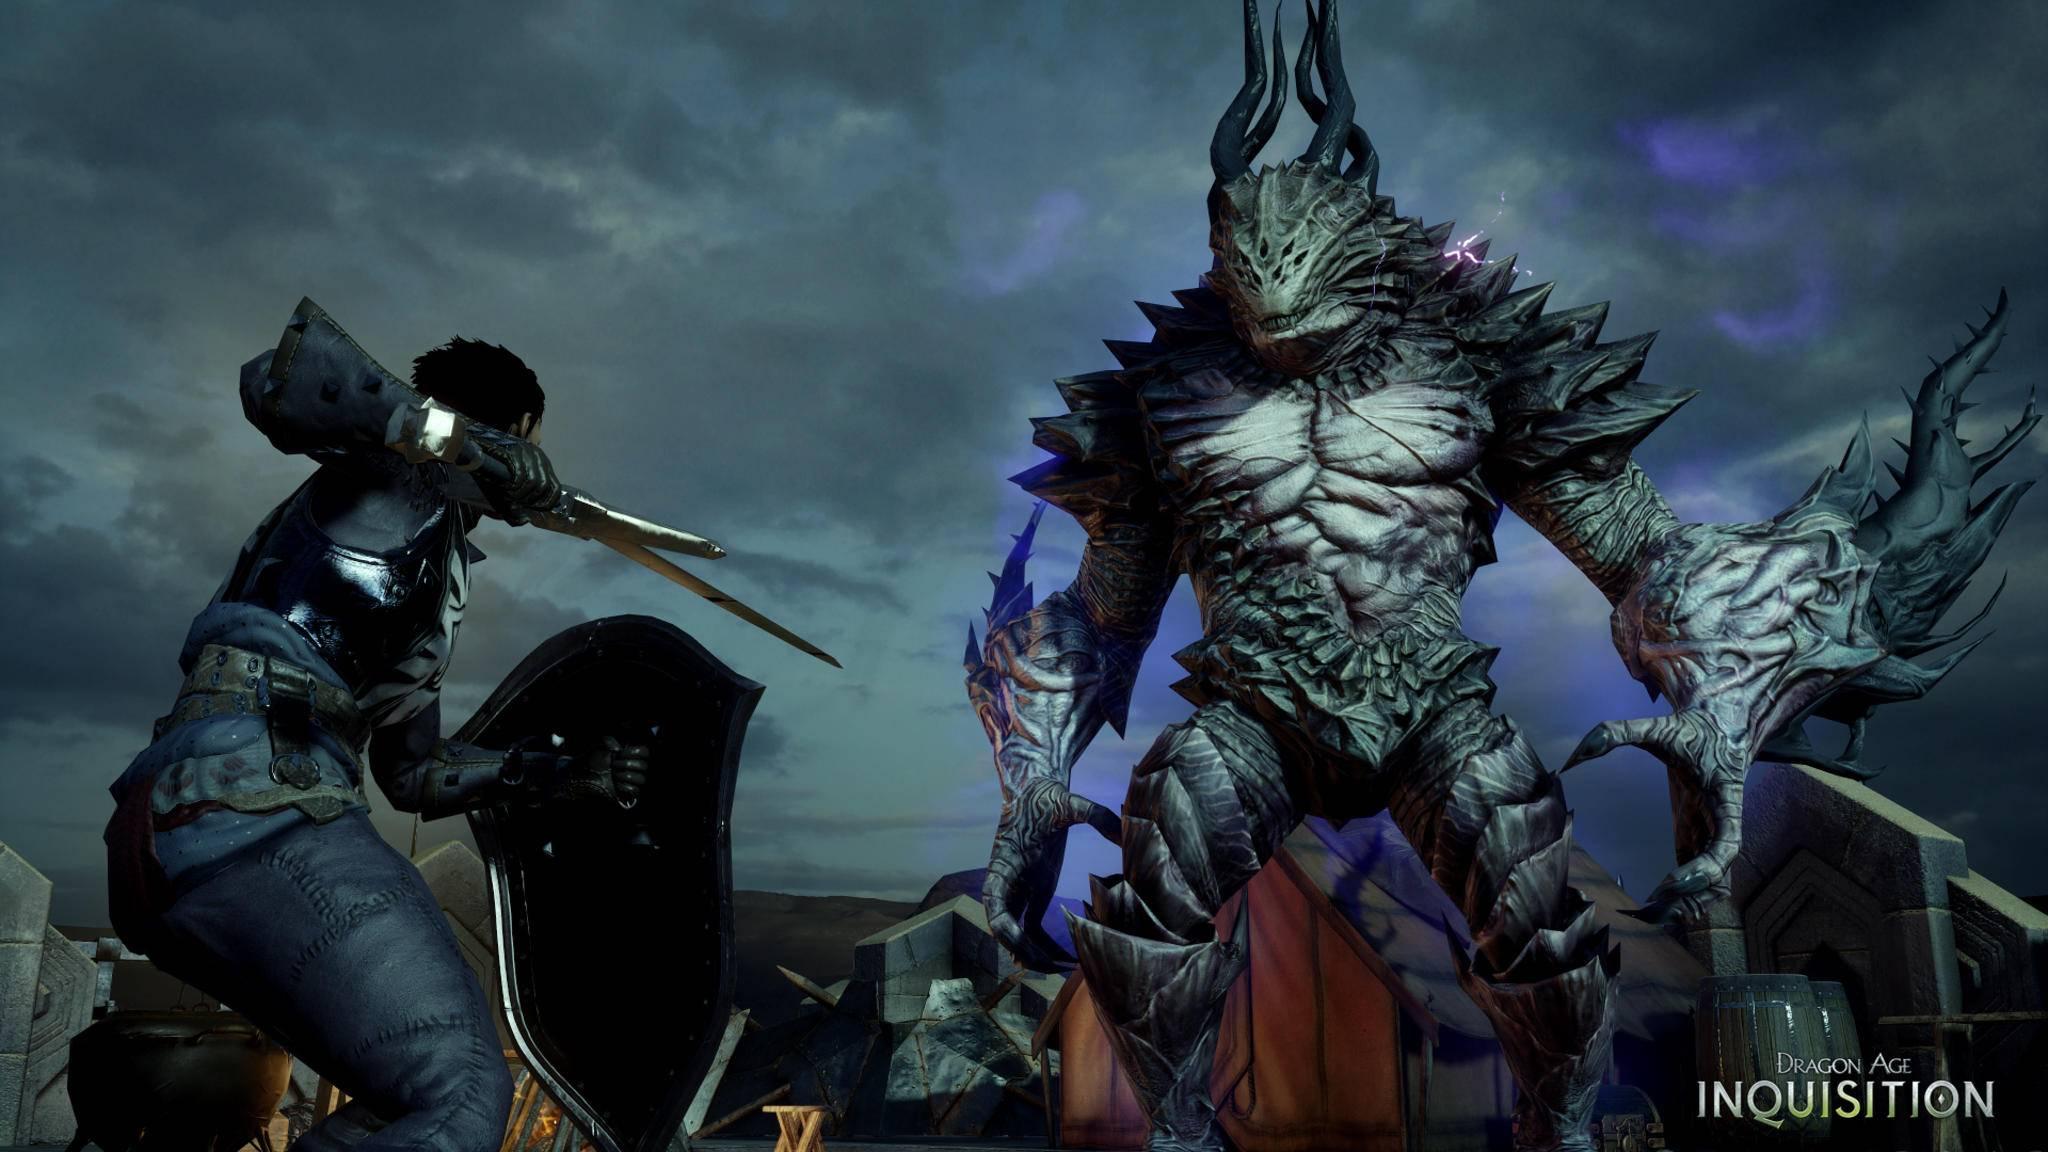 """Einfallsreich ist die Gut-gegen-Böse-Story von """"Dragon Age: Inquisition"""" nicht gerade."""